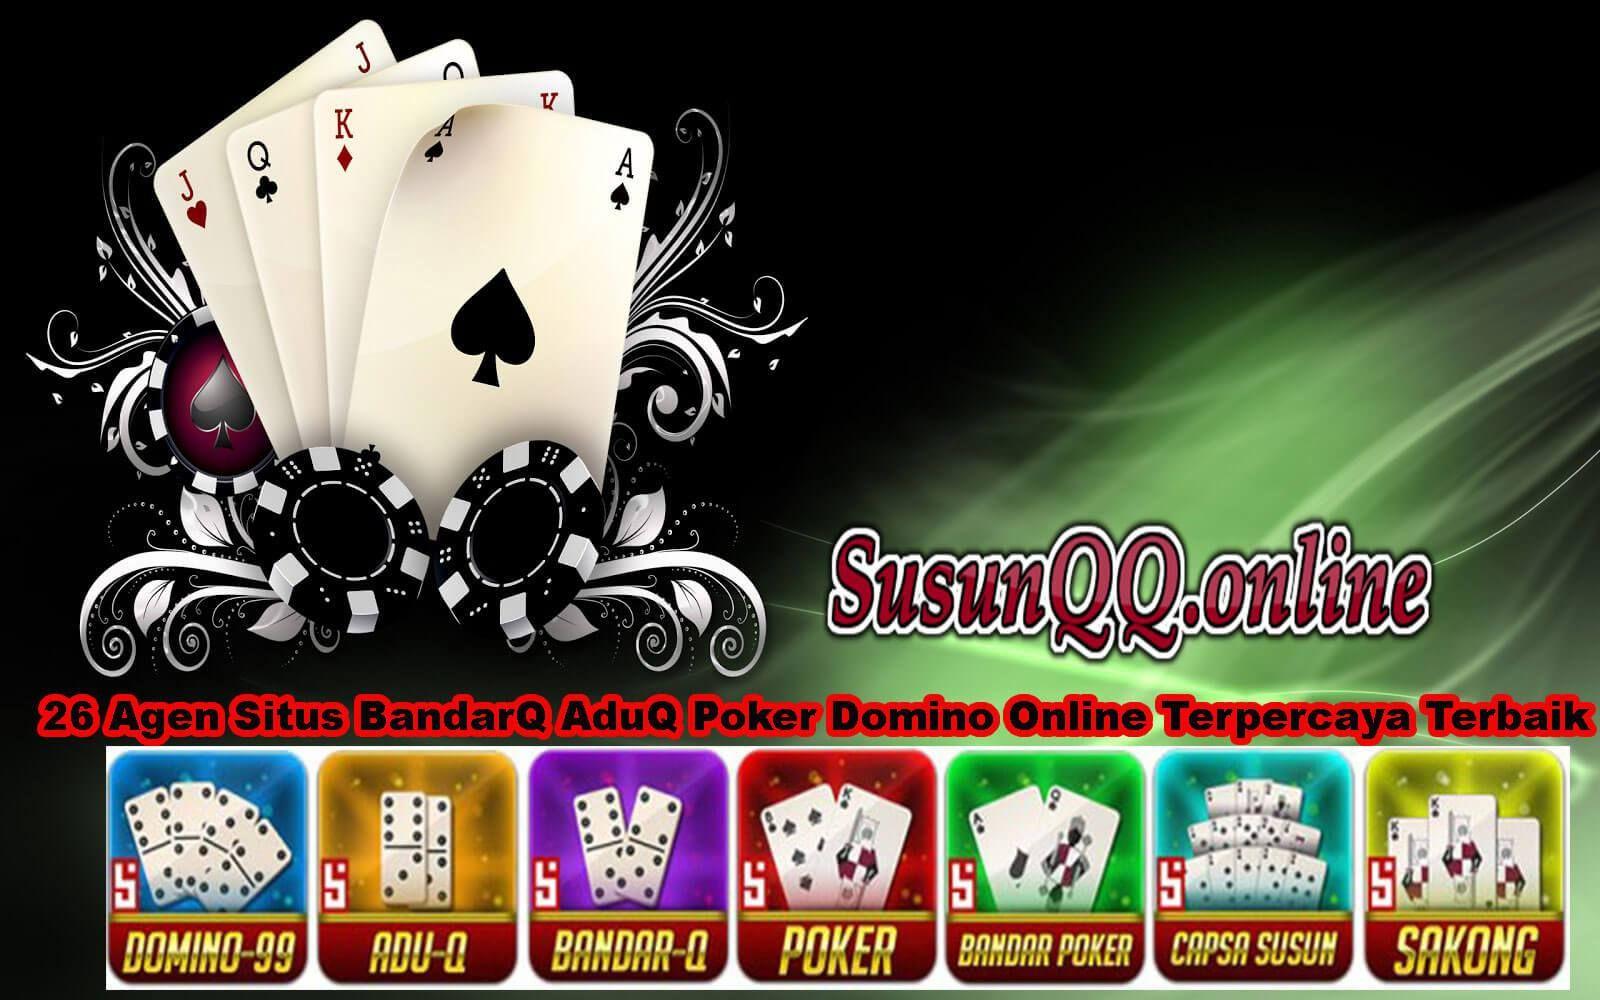 26 Agen Situs Bandarq Aduq Poker Domino Online Terpercaya Terbaik Poker Mainan Beri